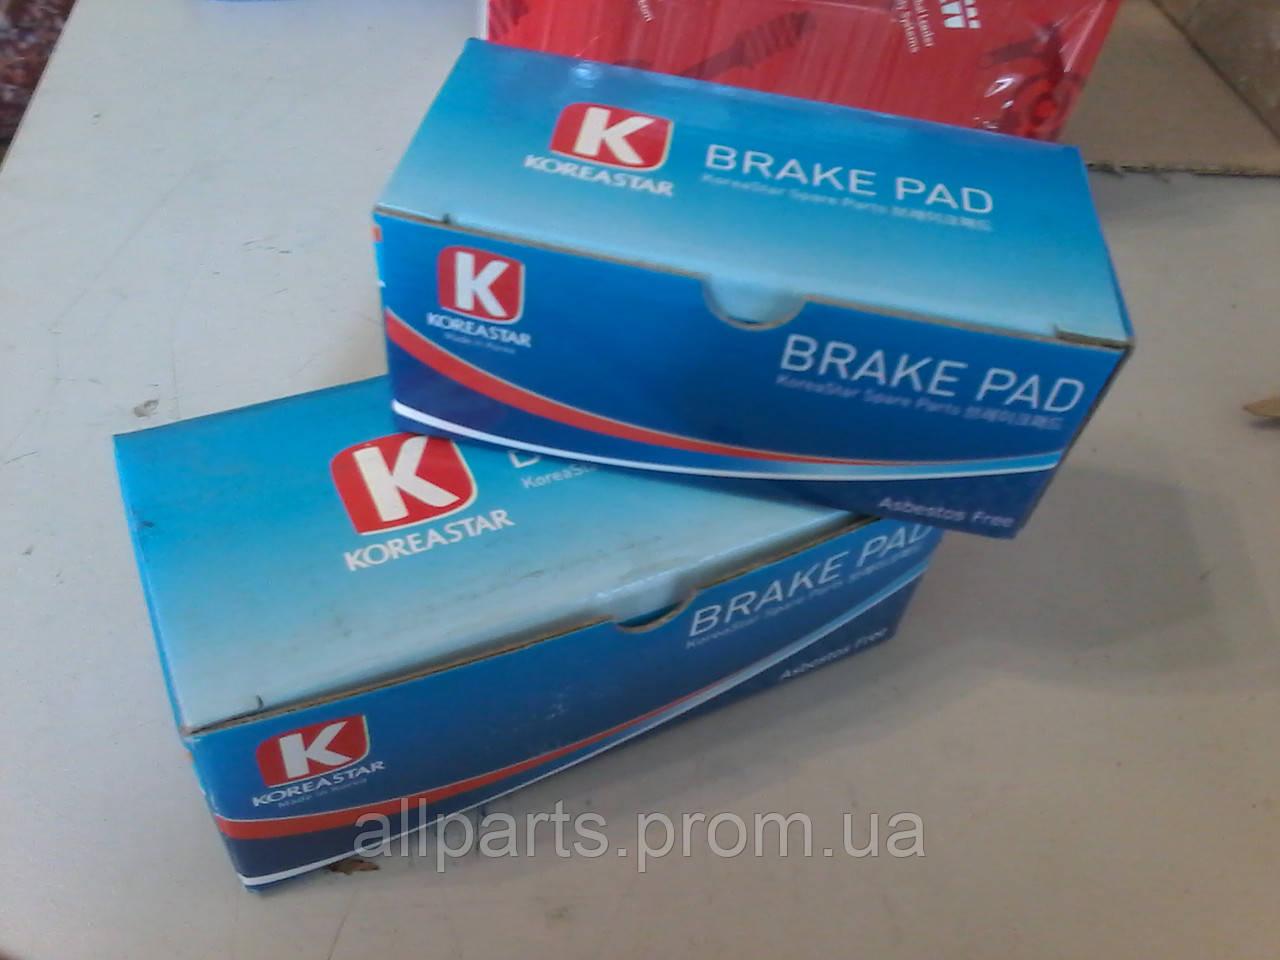 Тормозные колодки KOREASTAR (автозапчасти - страна производитель Корея)